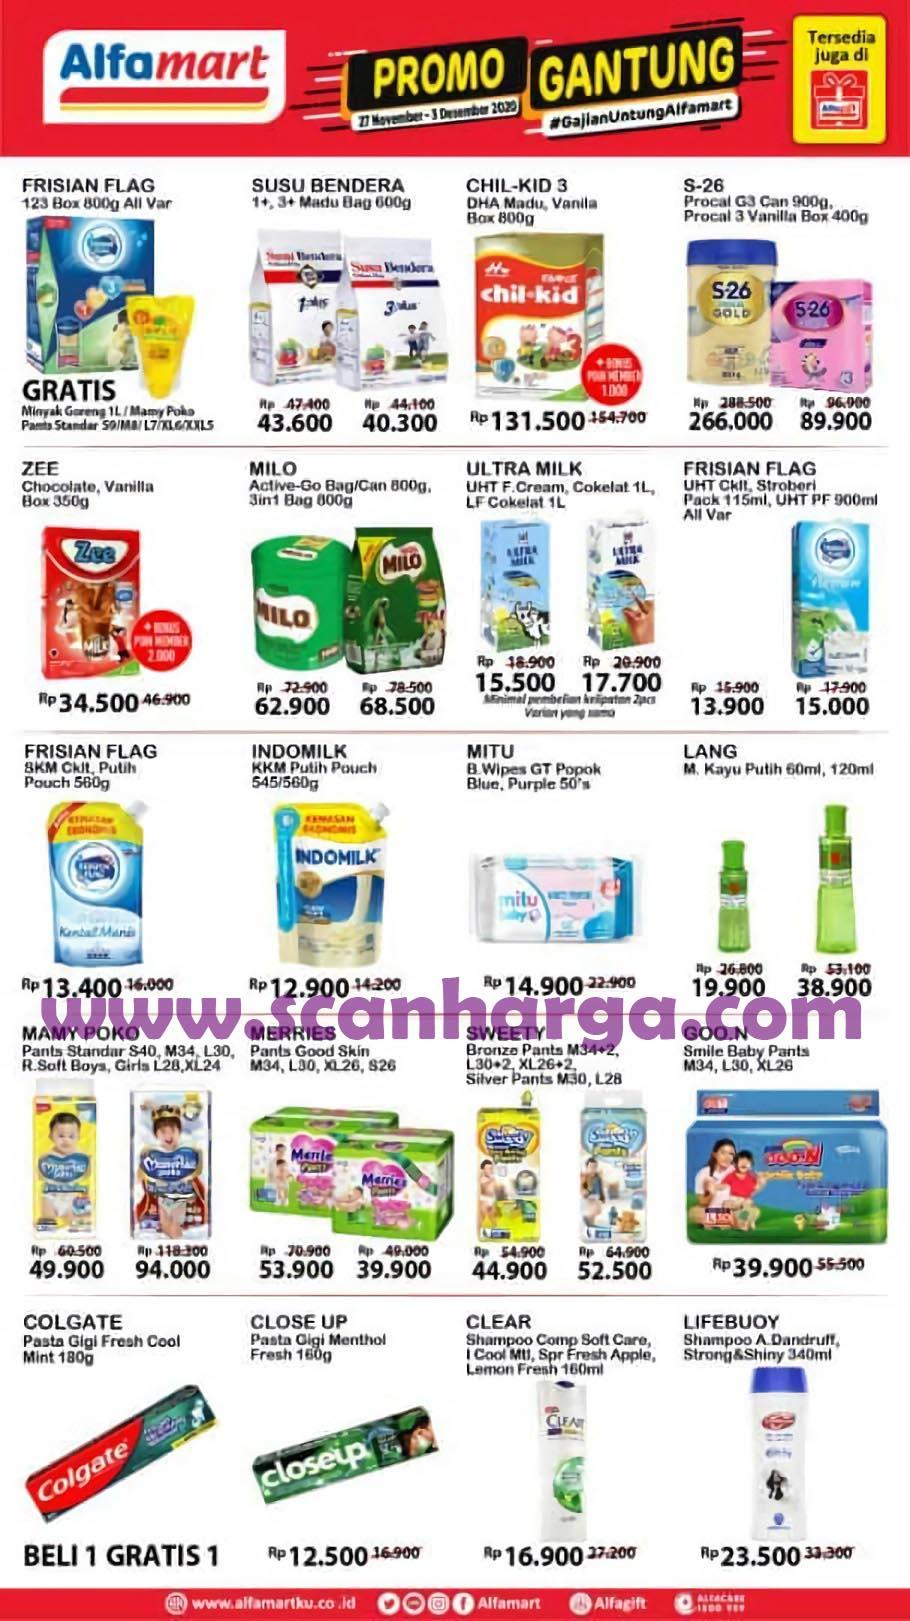 Katalog Promo JSM Alfamart Weekend 27 November 3 Desember 2020 1